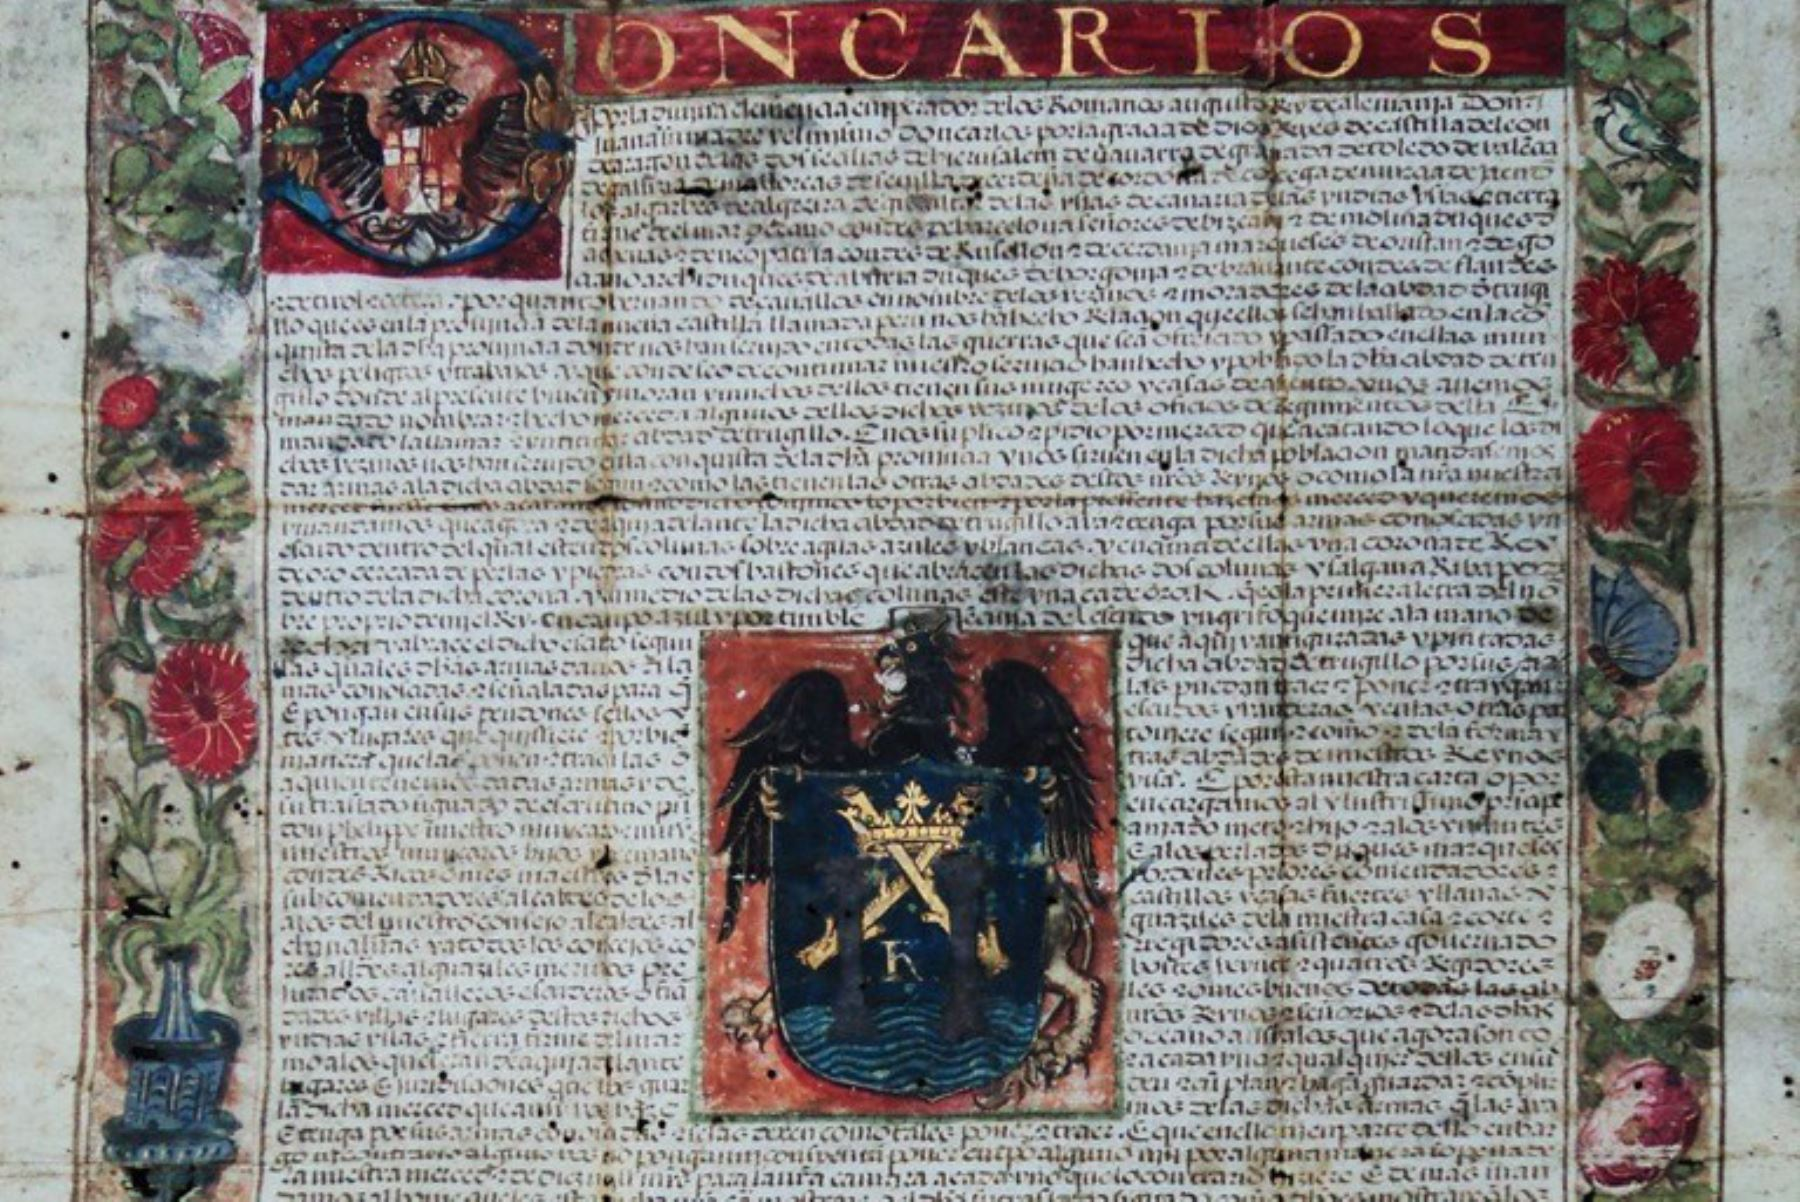 El Ministerio de Cultura declaró como Patrimonio Cultural de la Nación a la Real Cédula que otorga el Escudo de Armas a la ciudad de Trujillo, capital del departamento de La Libertad.